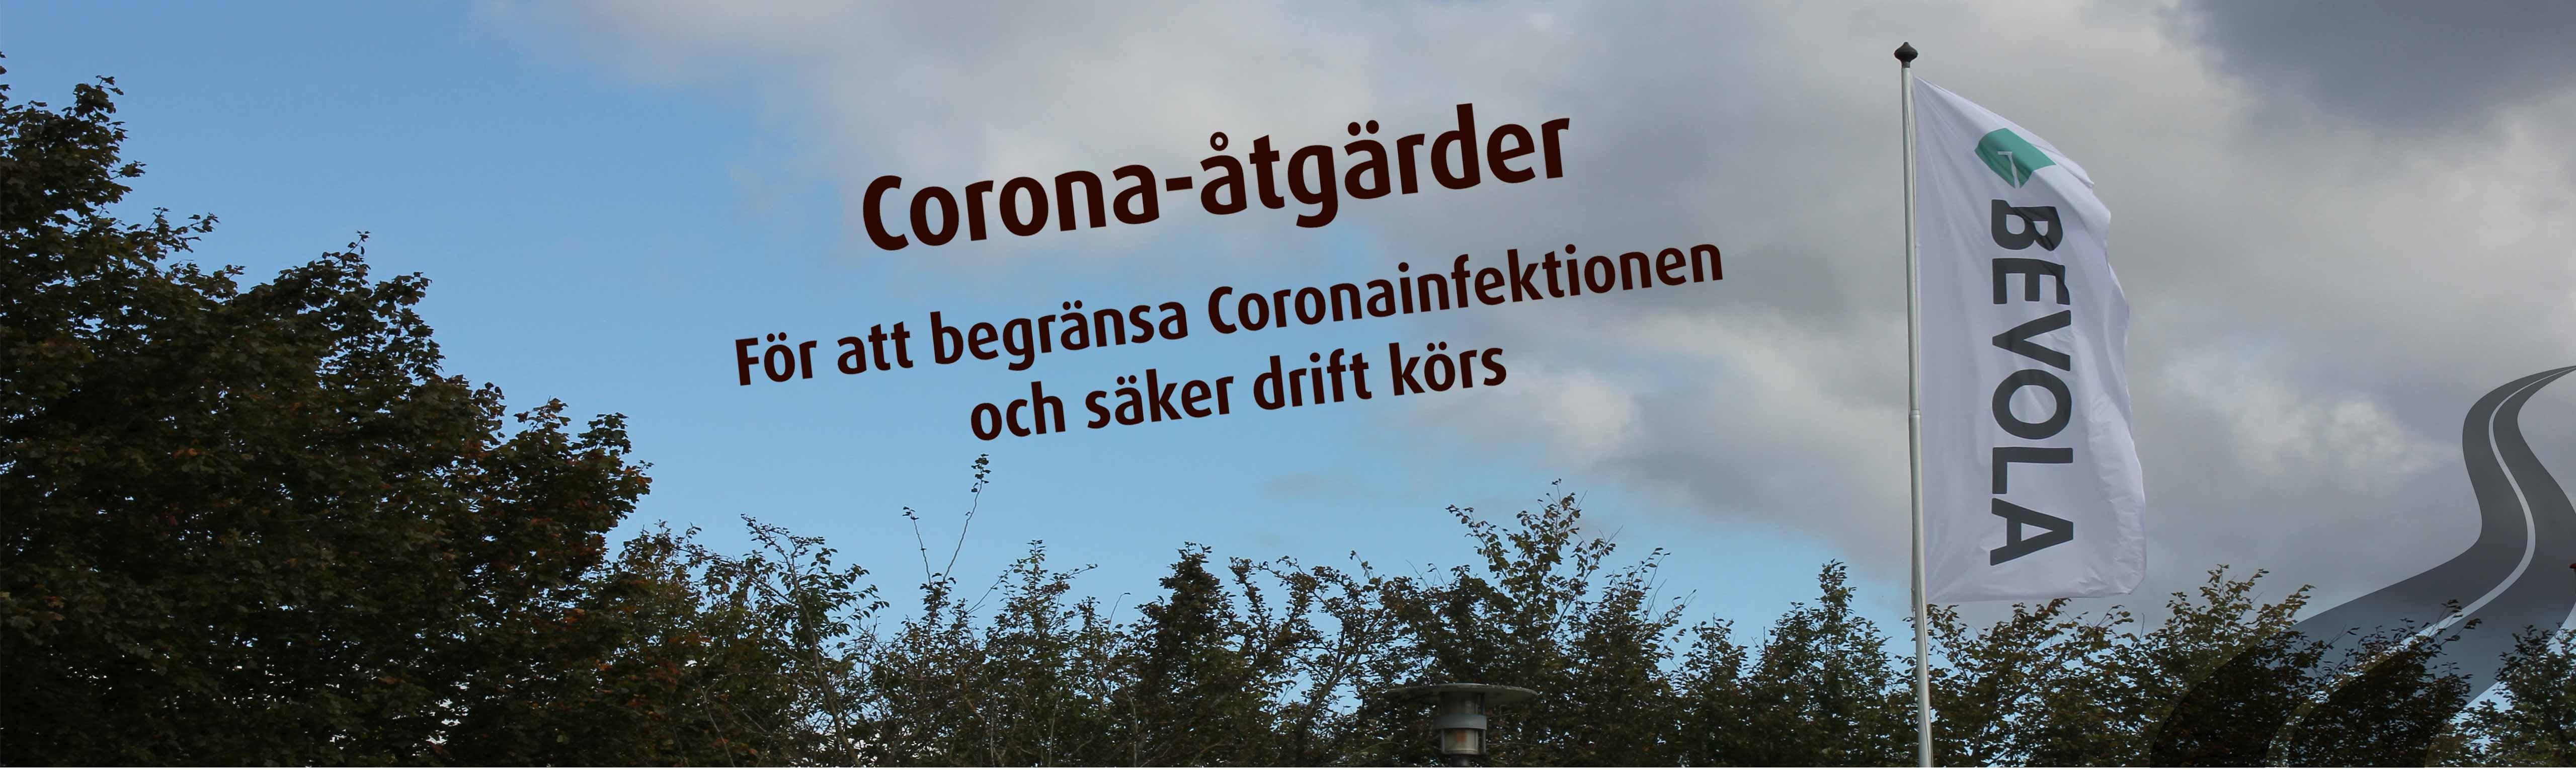 Corona-åtgärder